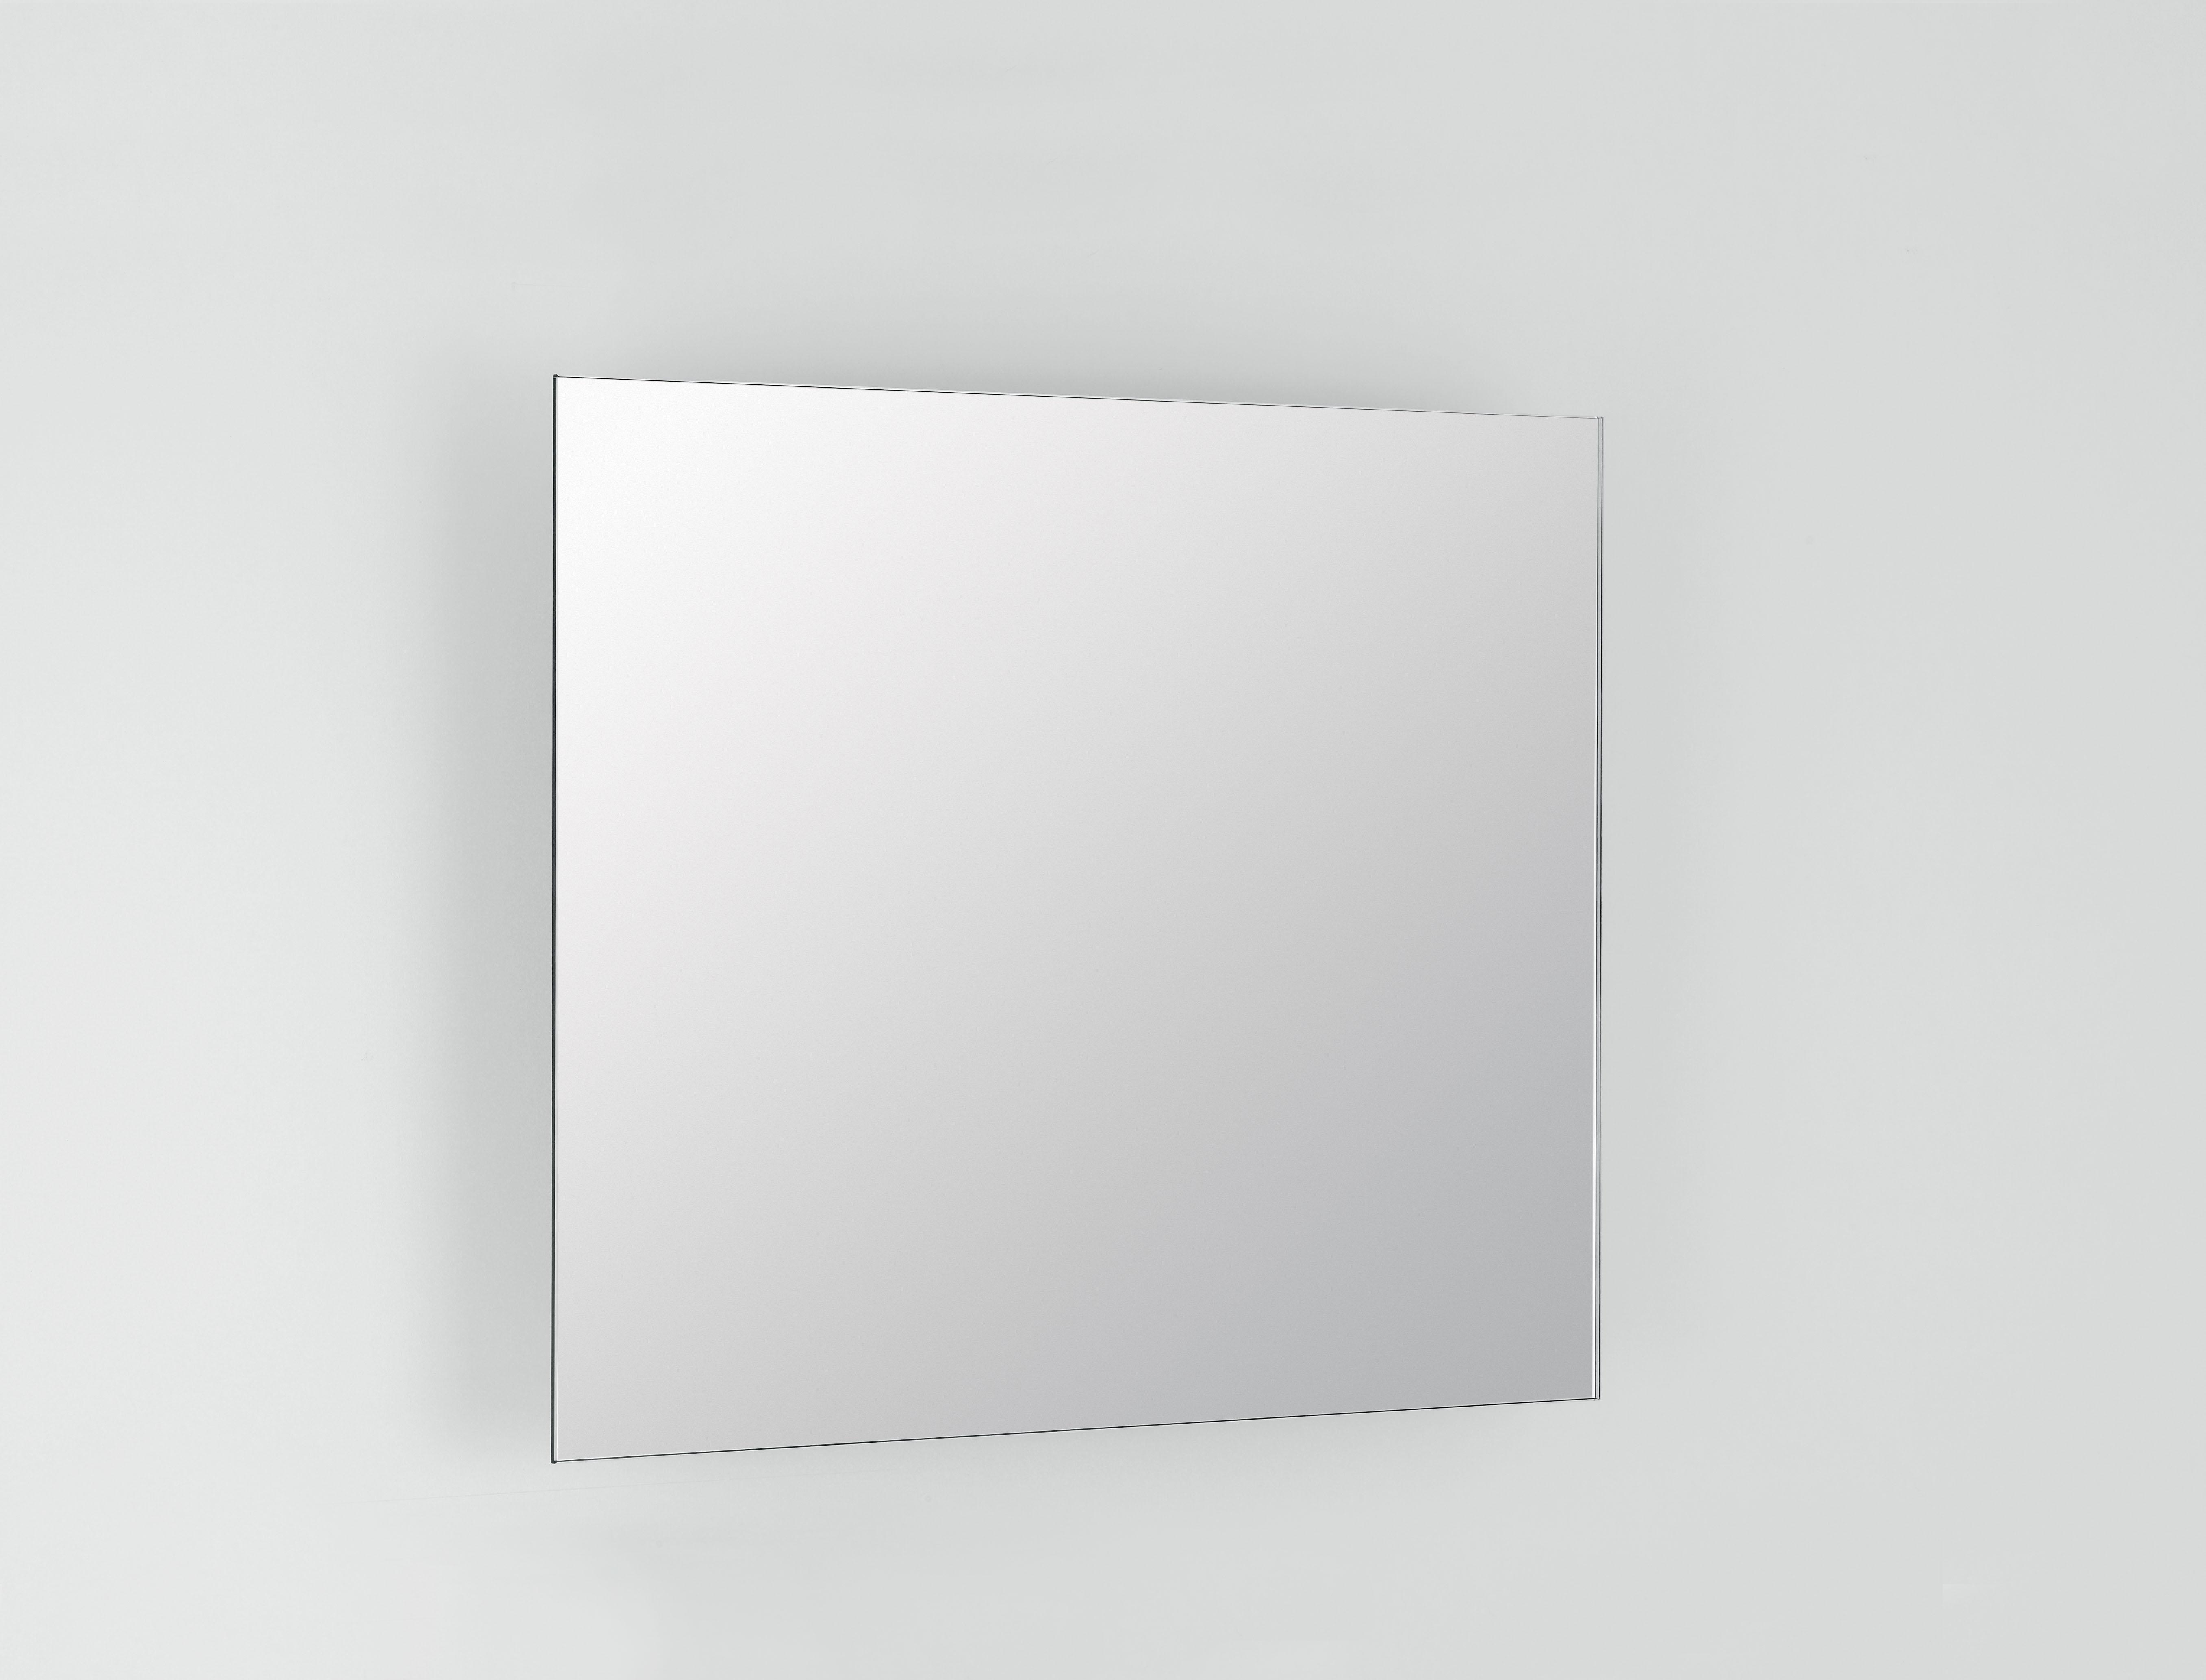 Kippspiegel ohne Rahmen